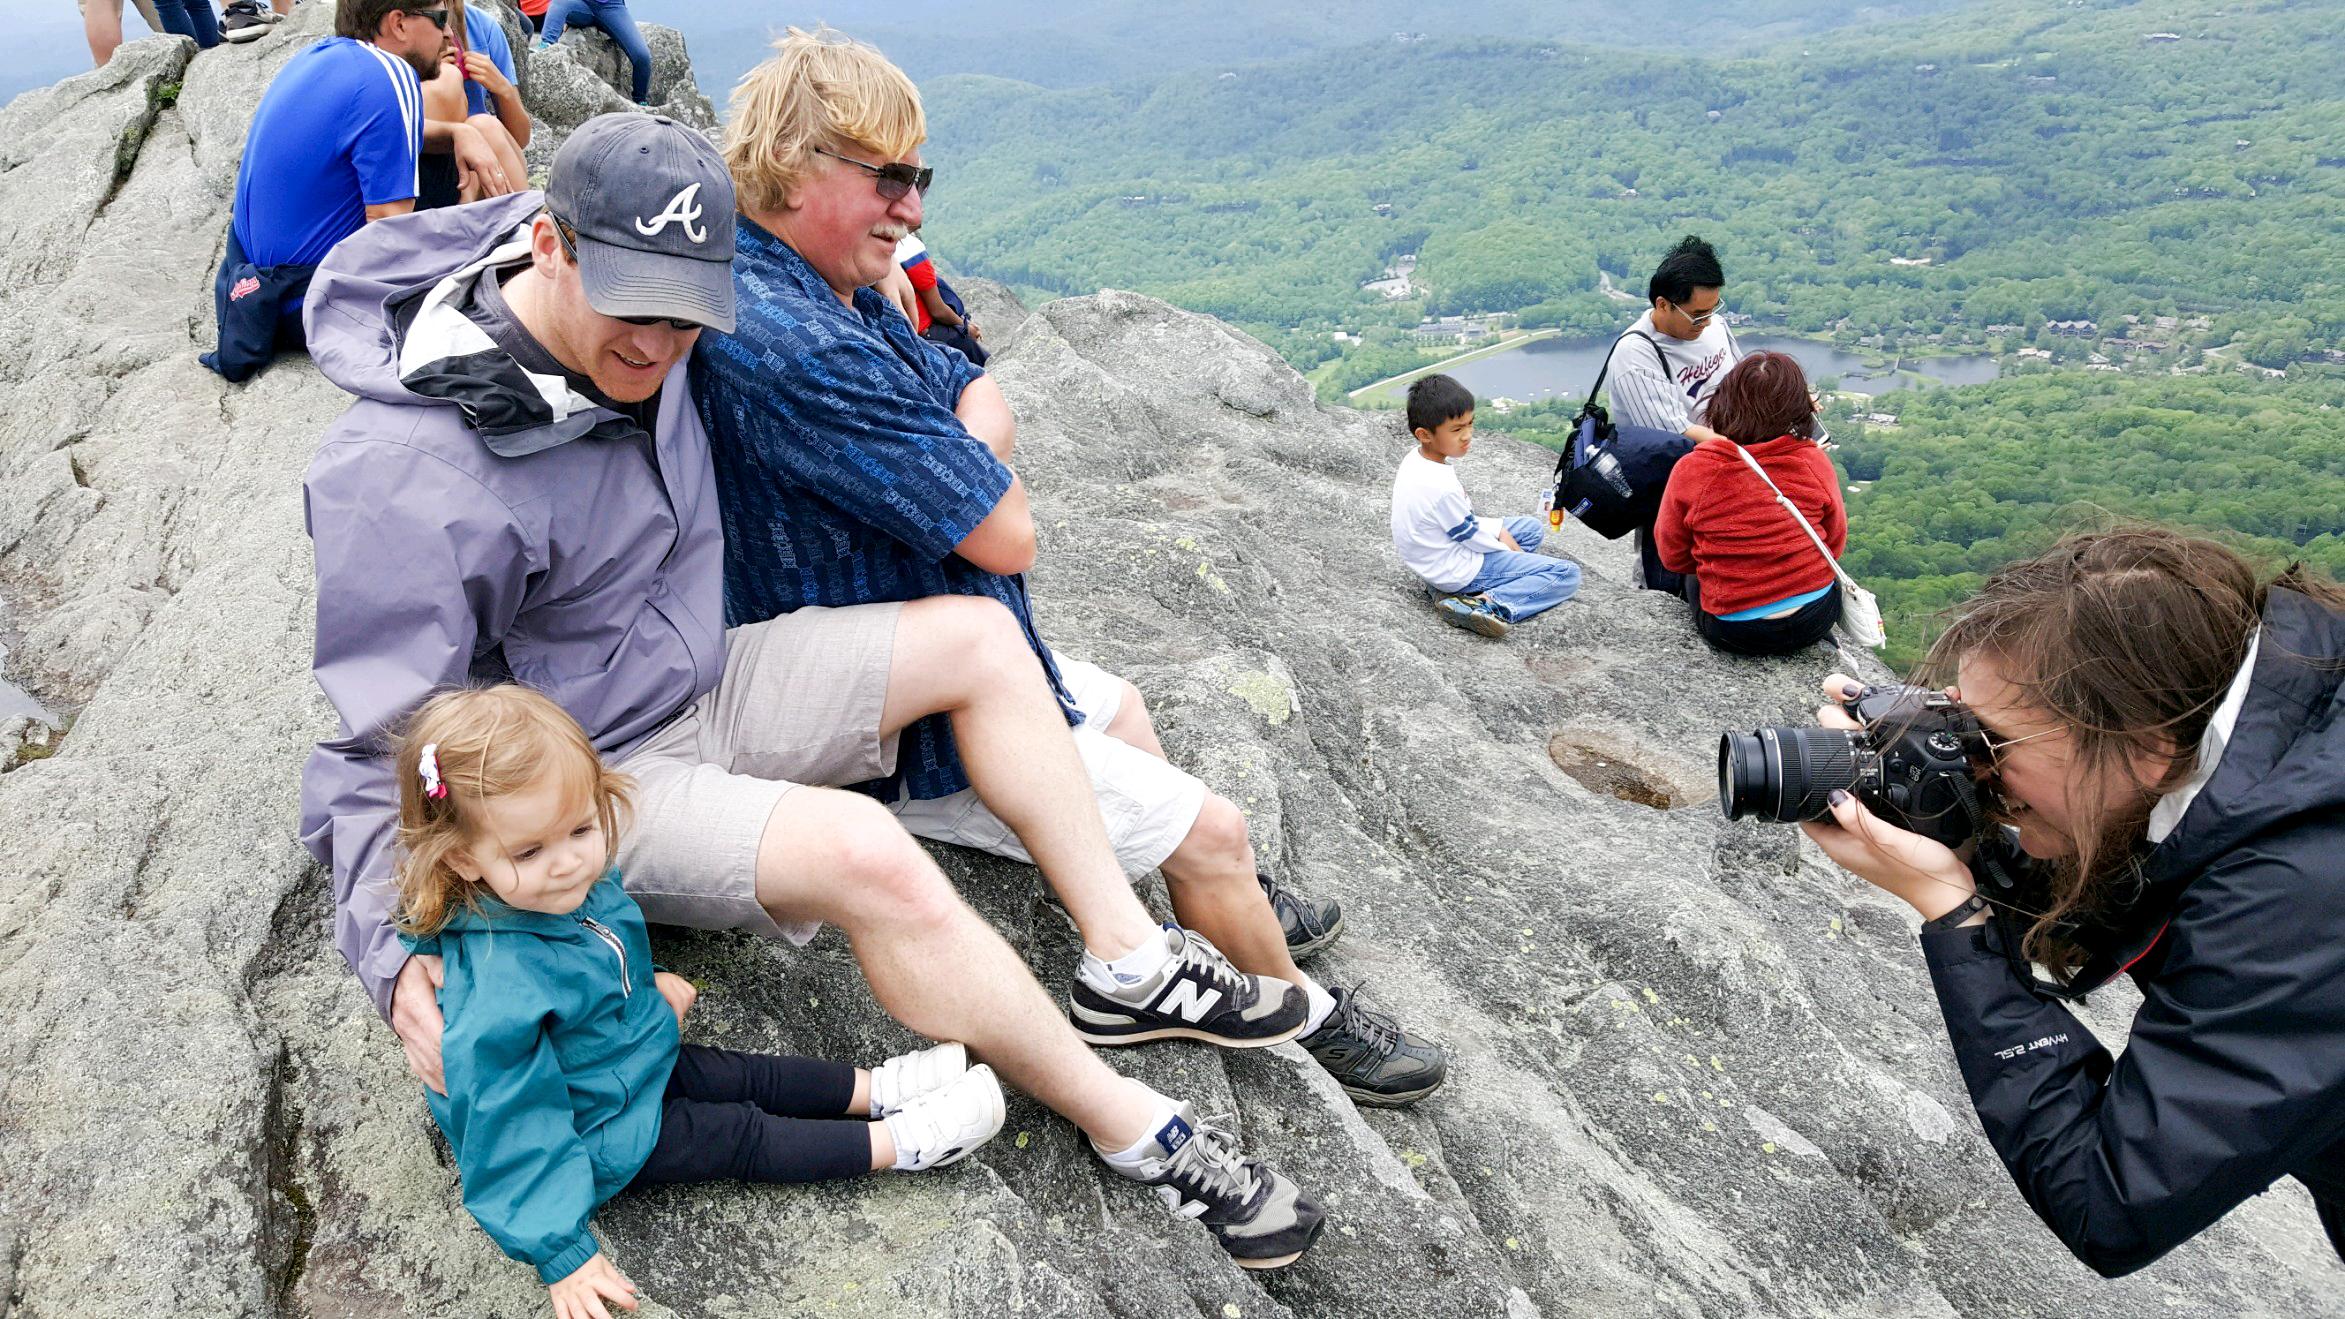 grandfather-mountain-paparazzi-2